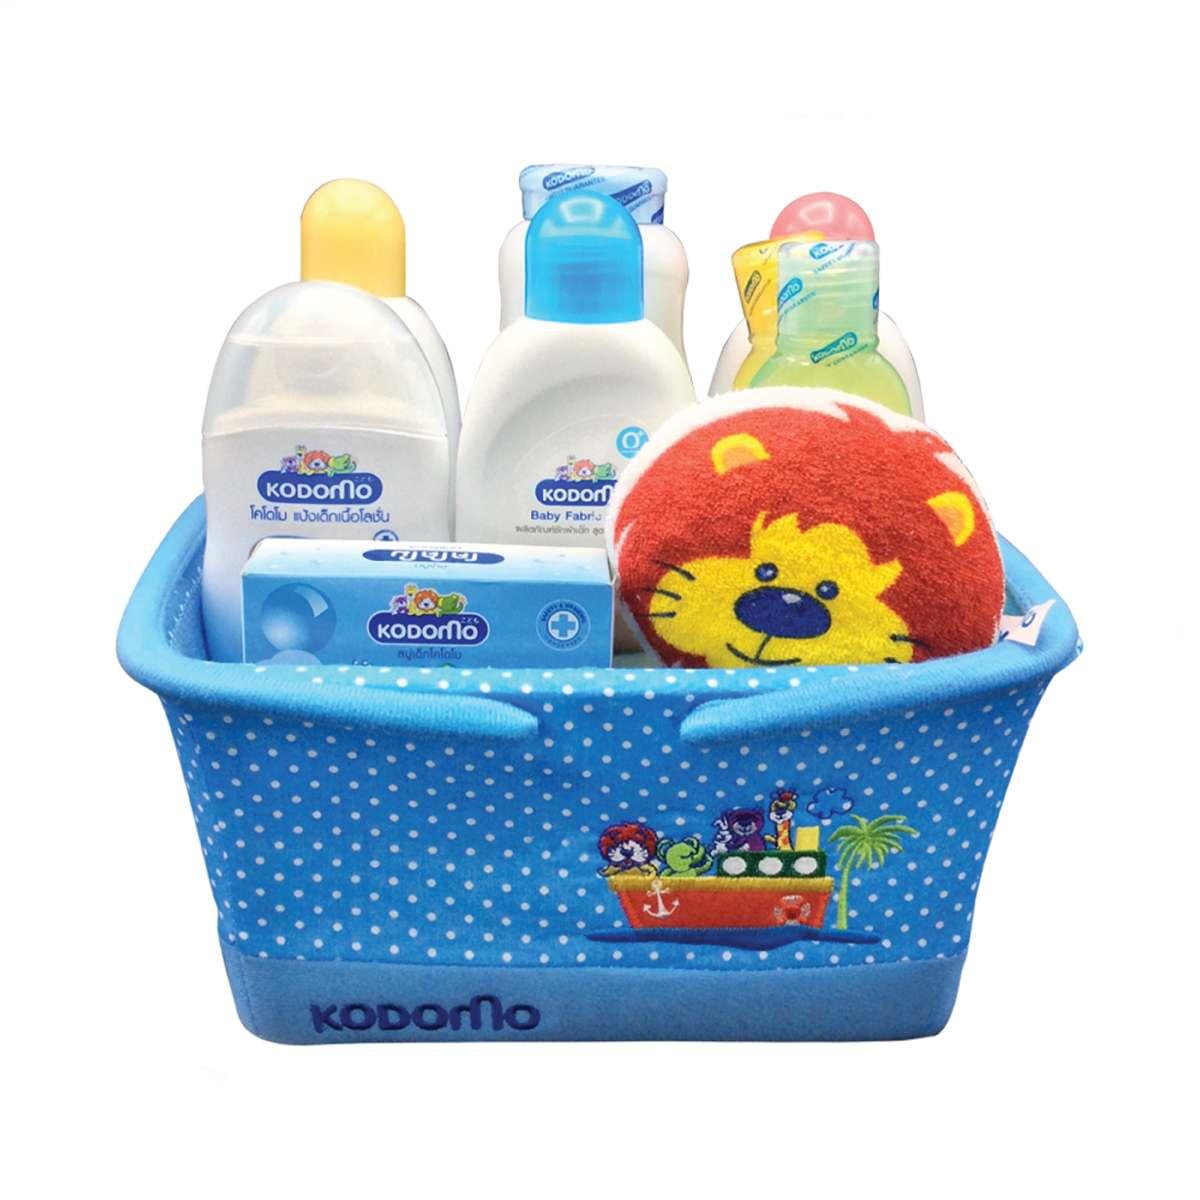 KODOMO Baby Gift Set Busket